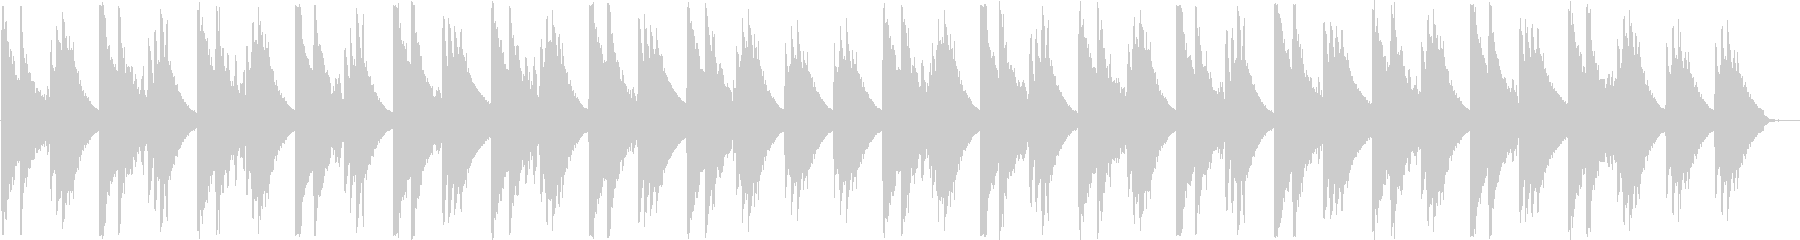 アコギの音色が落ち着くヒーリング曲の未再生の波形